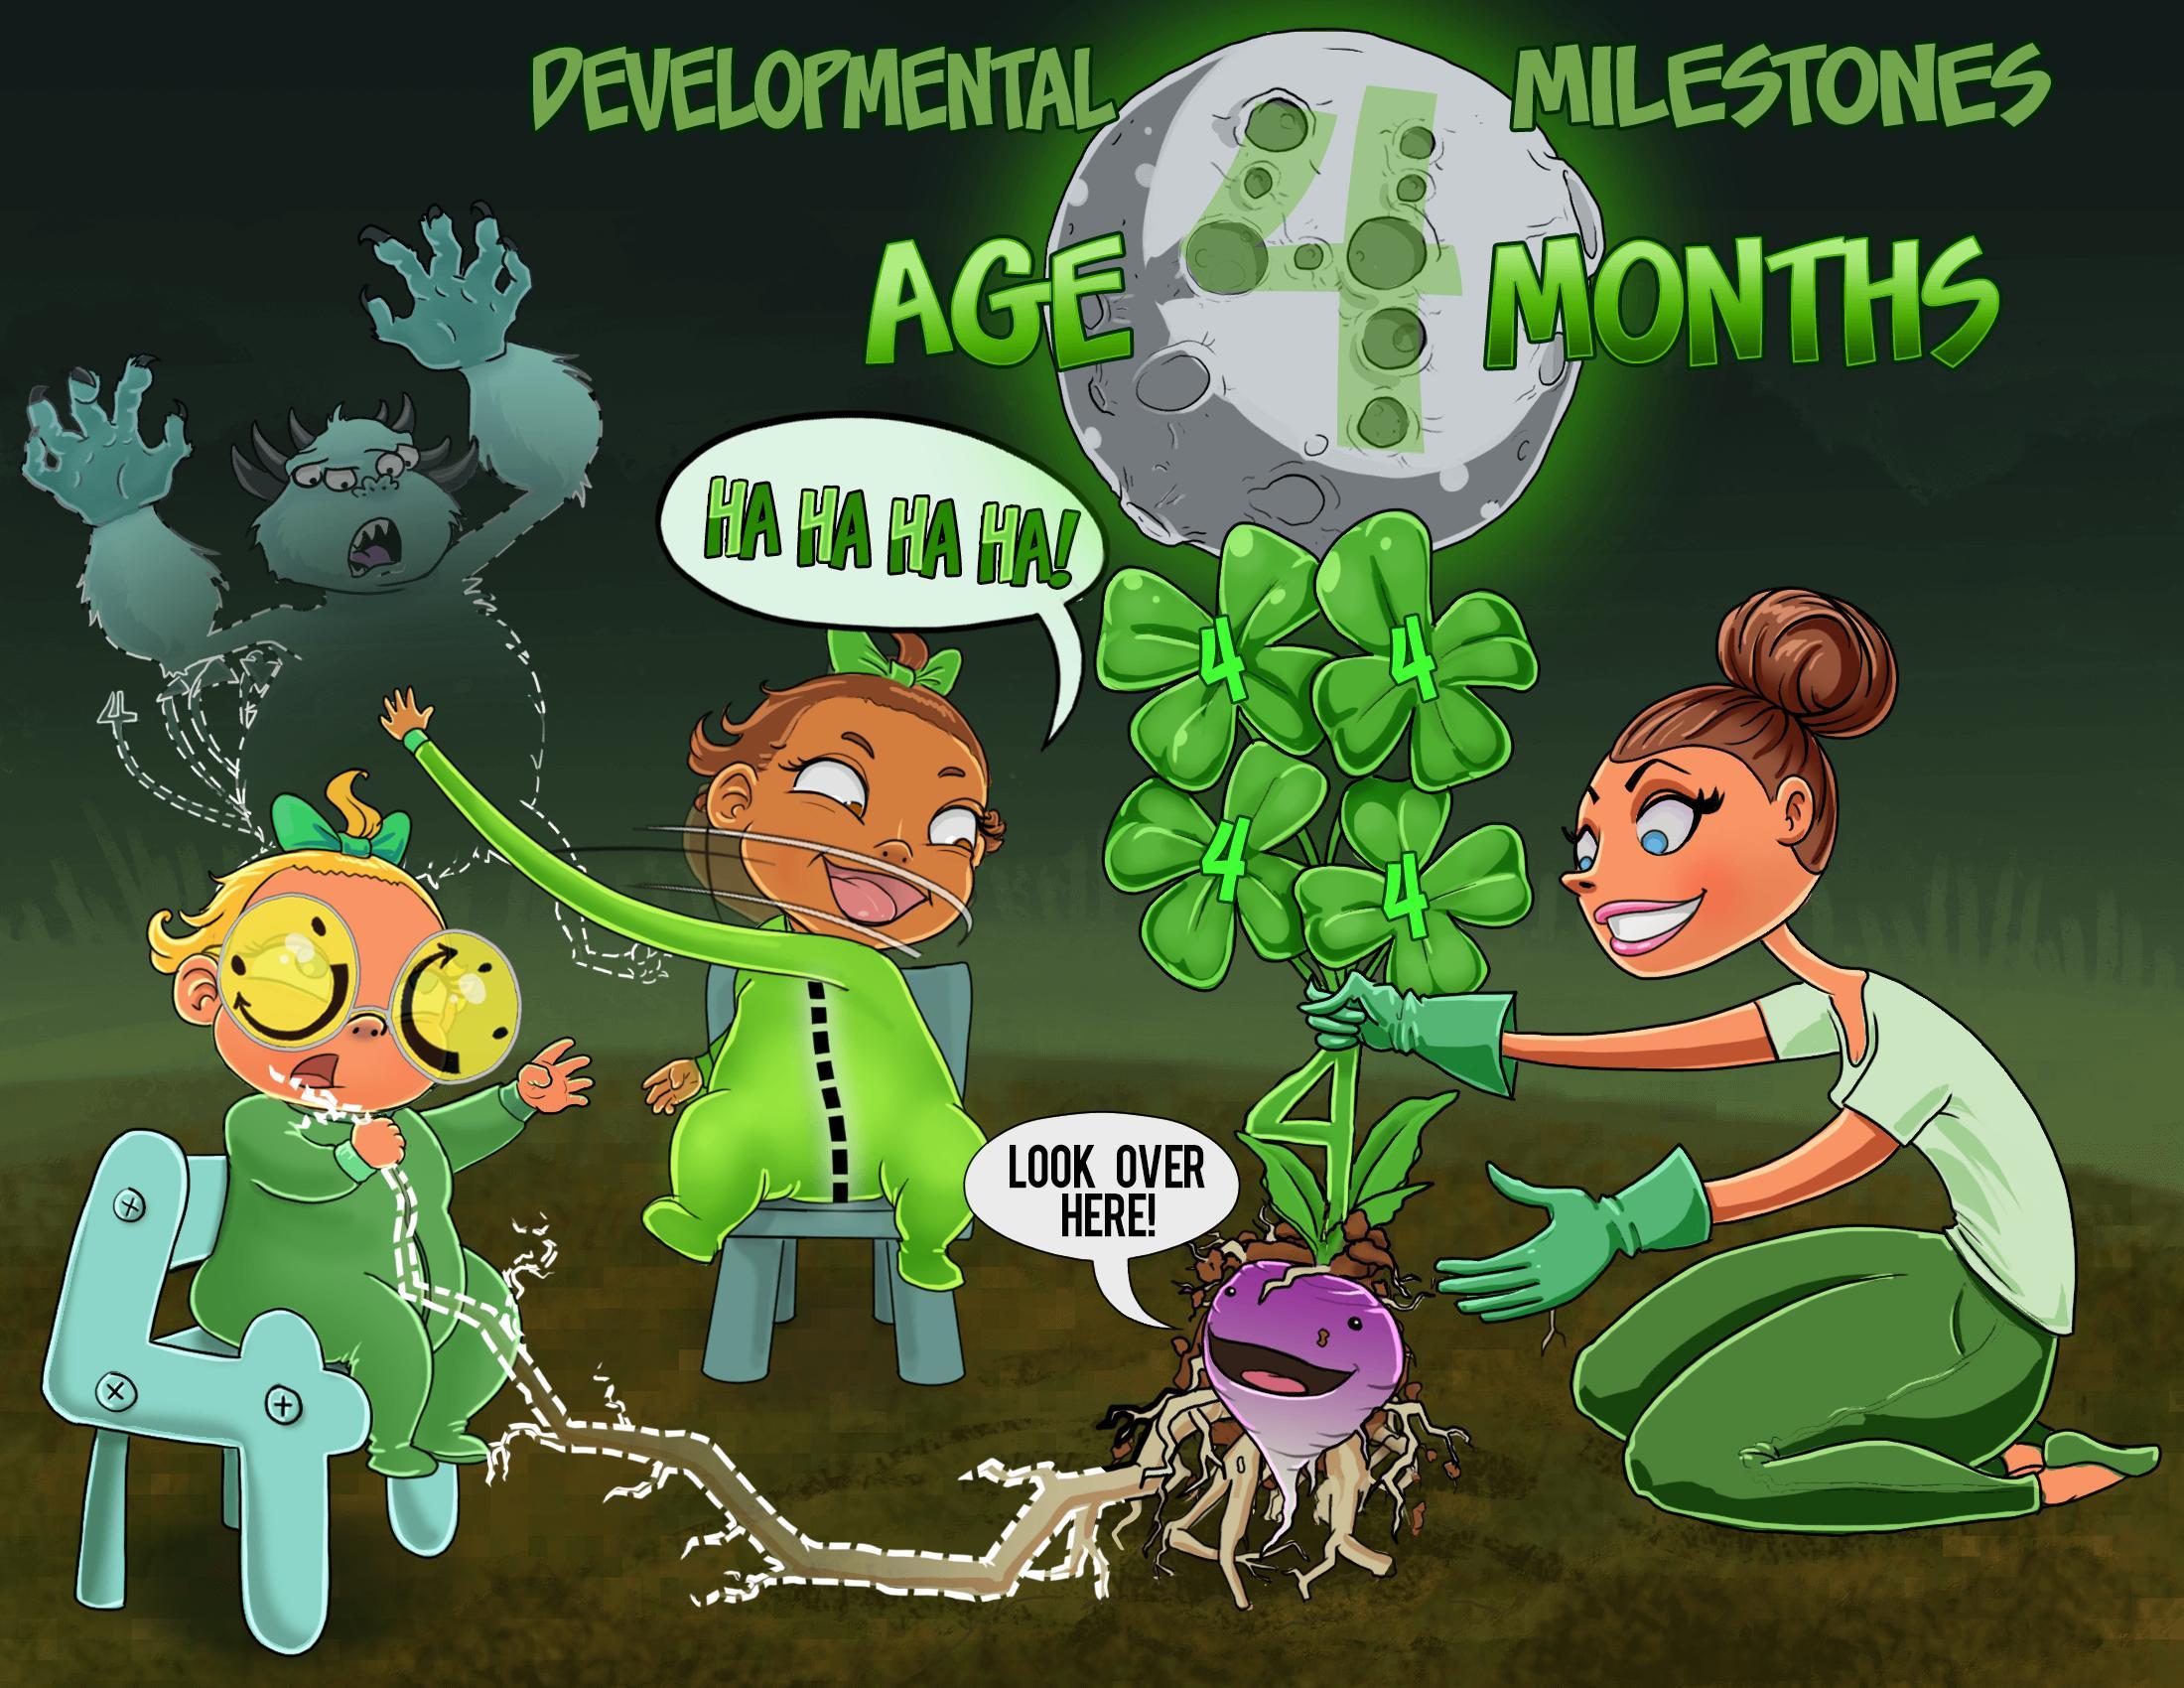 Age 4 Months - Developmental Milestones